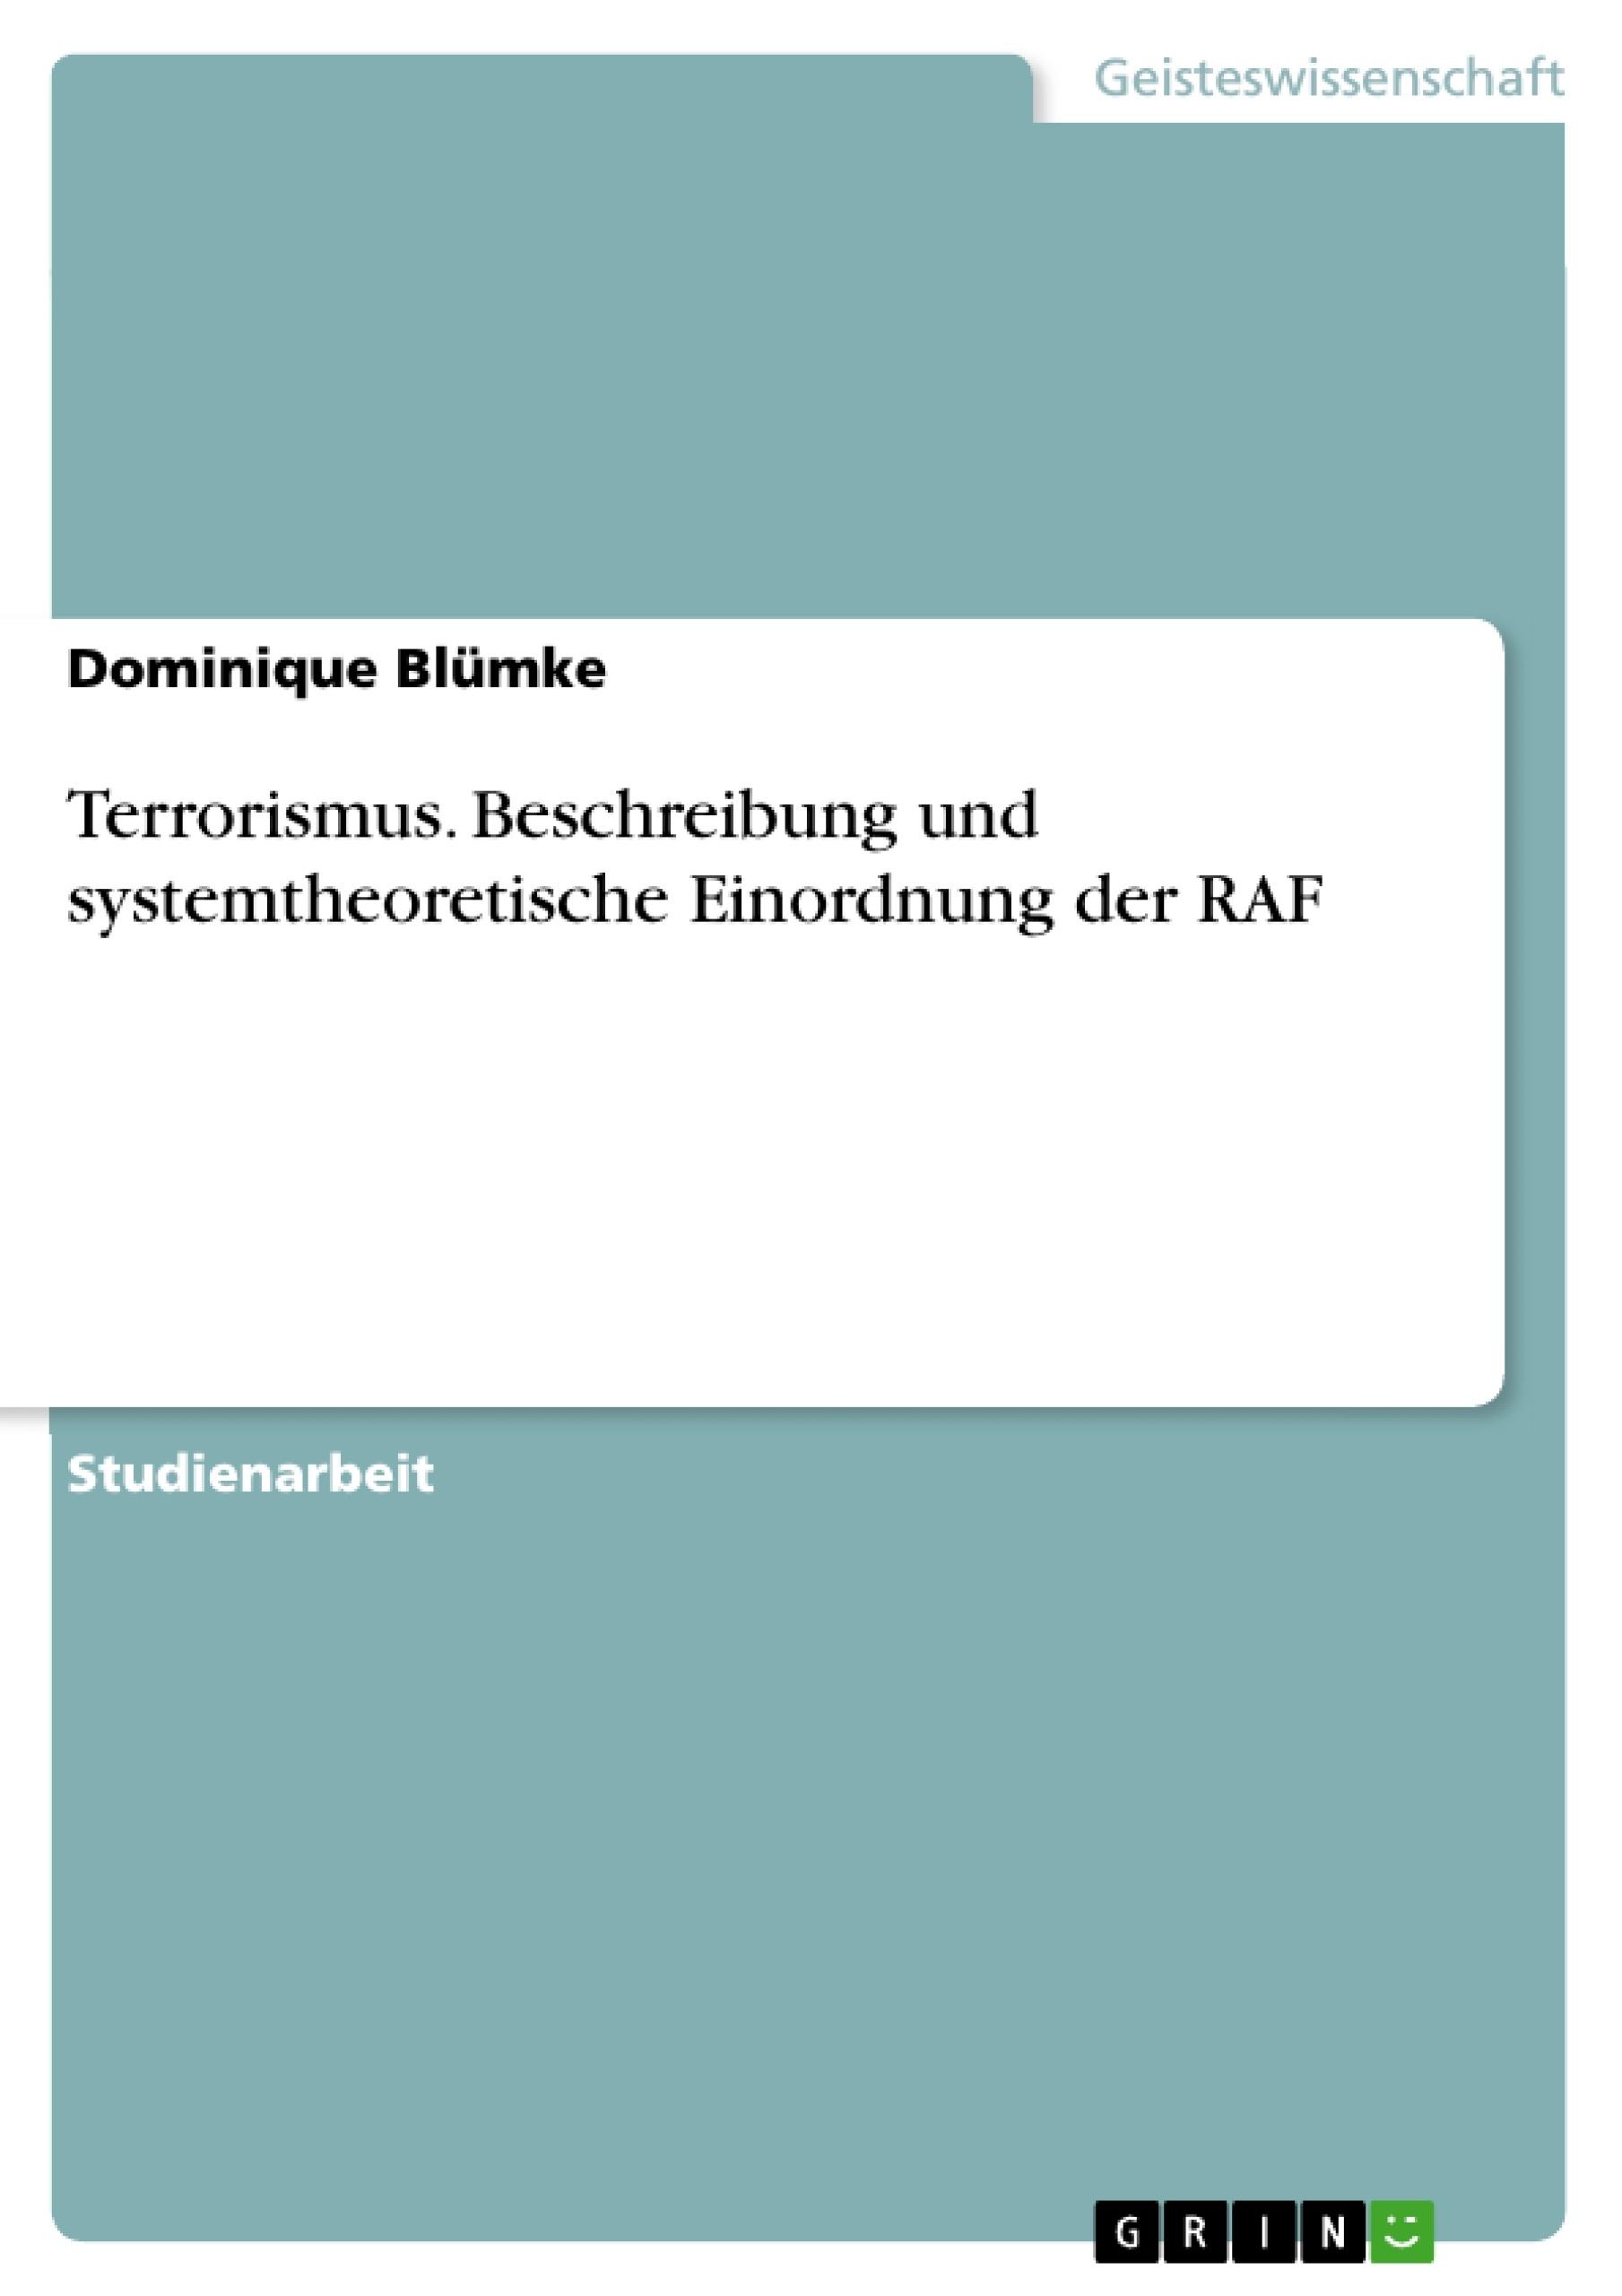 Titel: Terrorismus. Beschreibung und systemtheoretische Einordnung der RAF